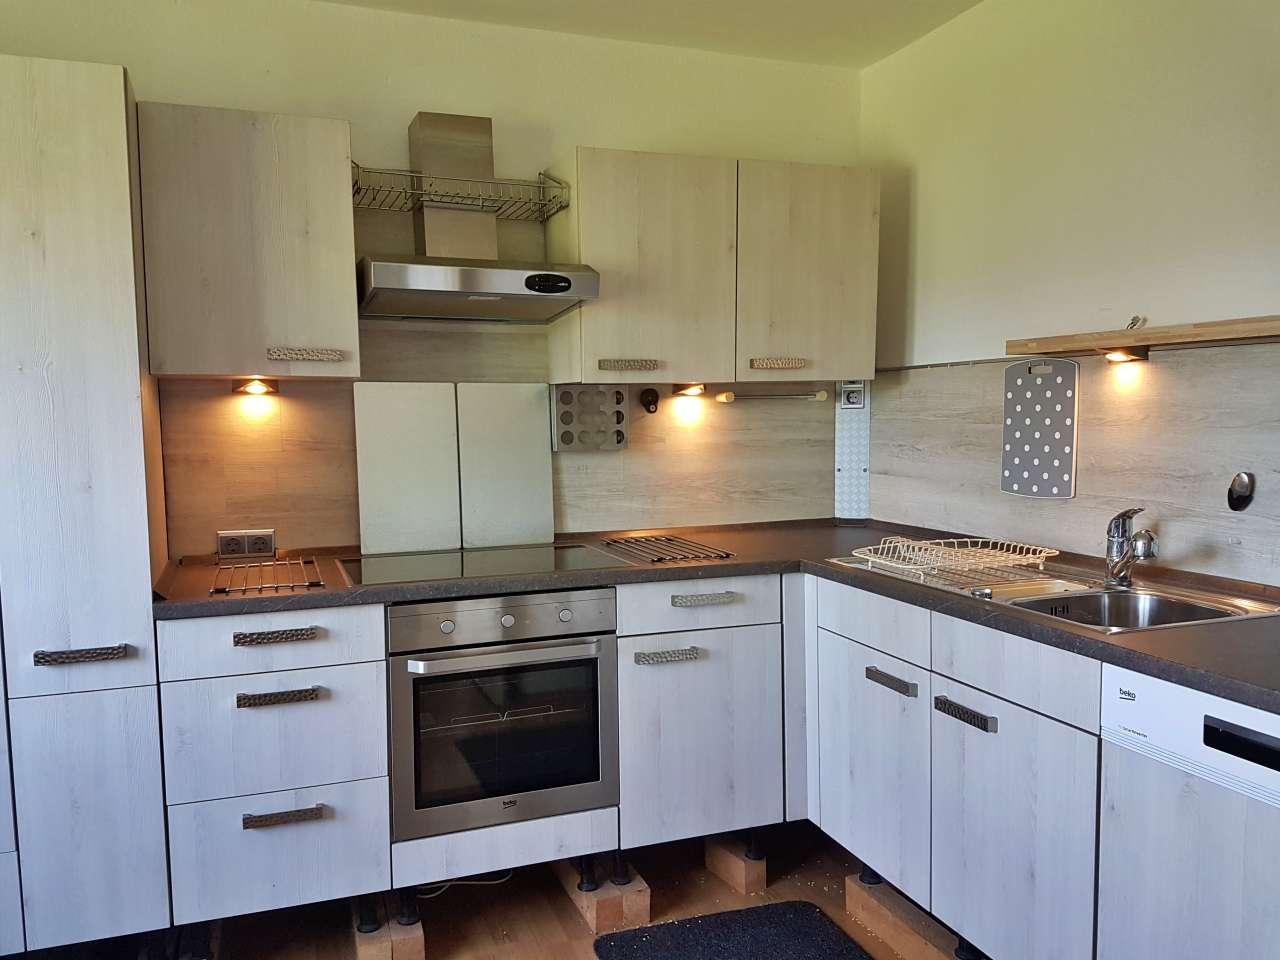 Einbauküche mit Elektrogeräten Einbauküche mit Elektrogeräten hellgrau